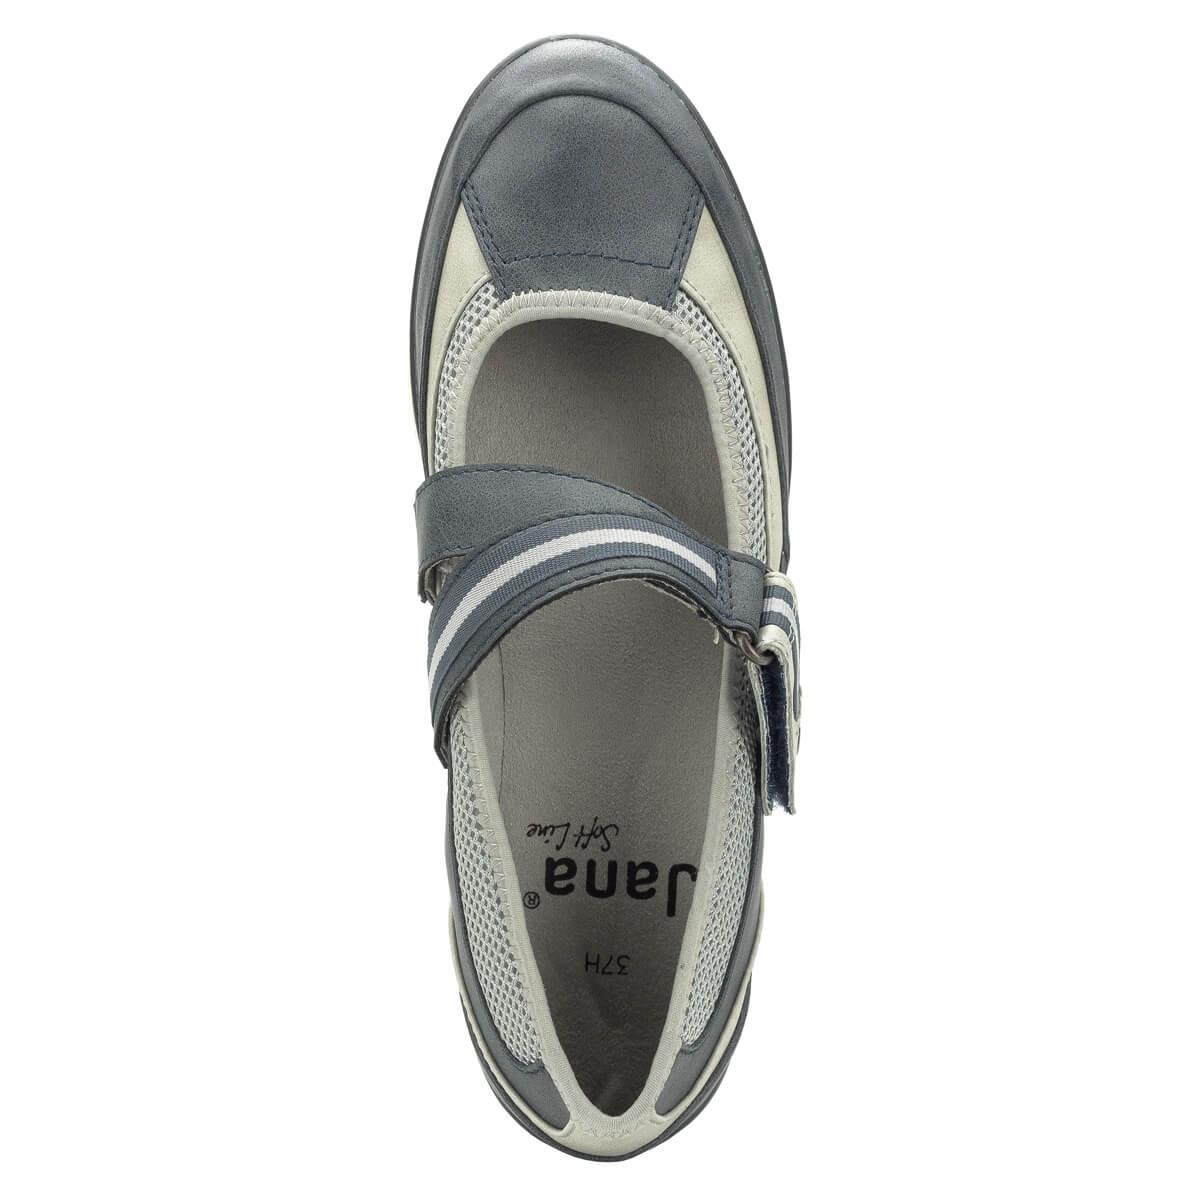 dacee82879 ... Pántos Jana cipő lapos talppal, H szélességben. Nagyon kényelmes, a  pánt bősége tépőzárral ...